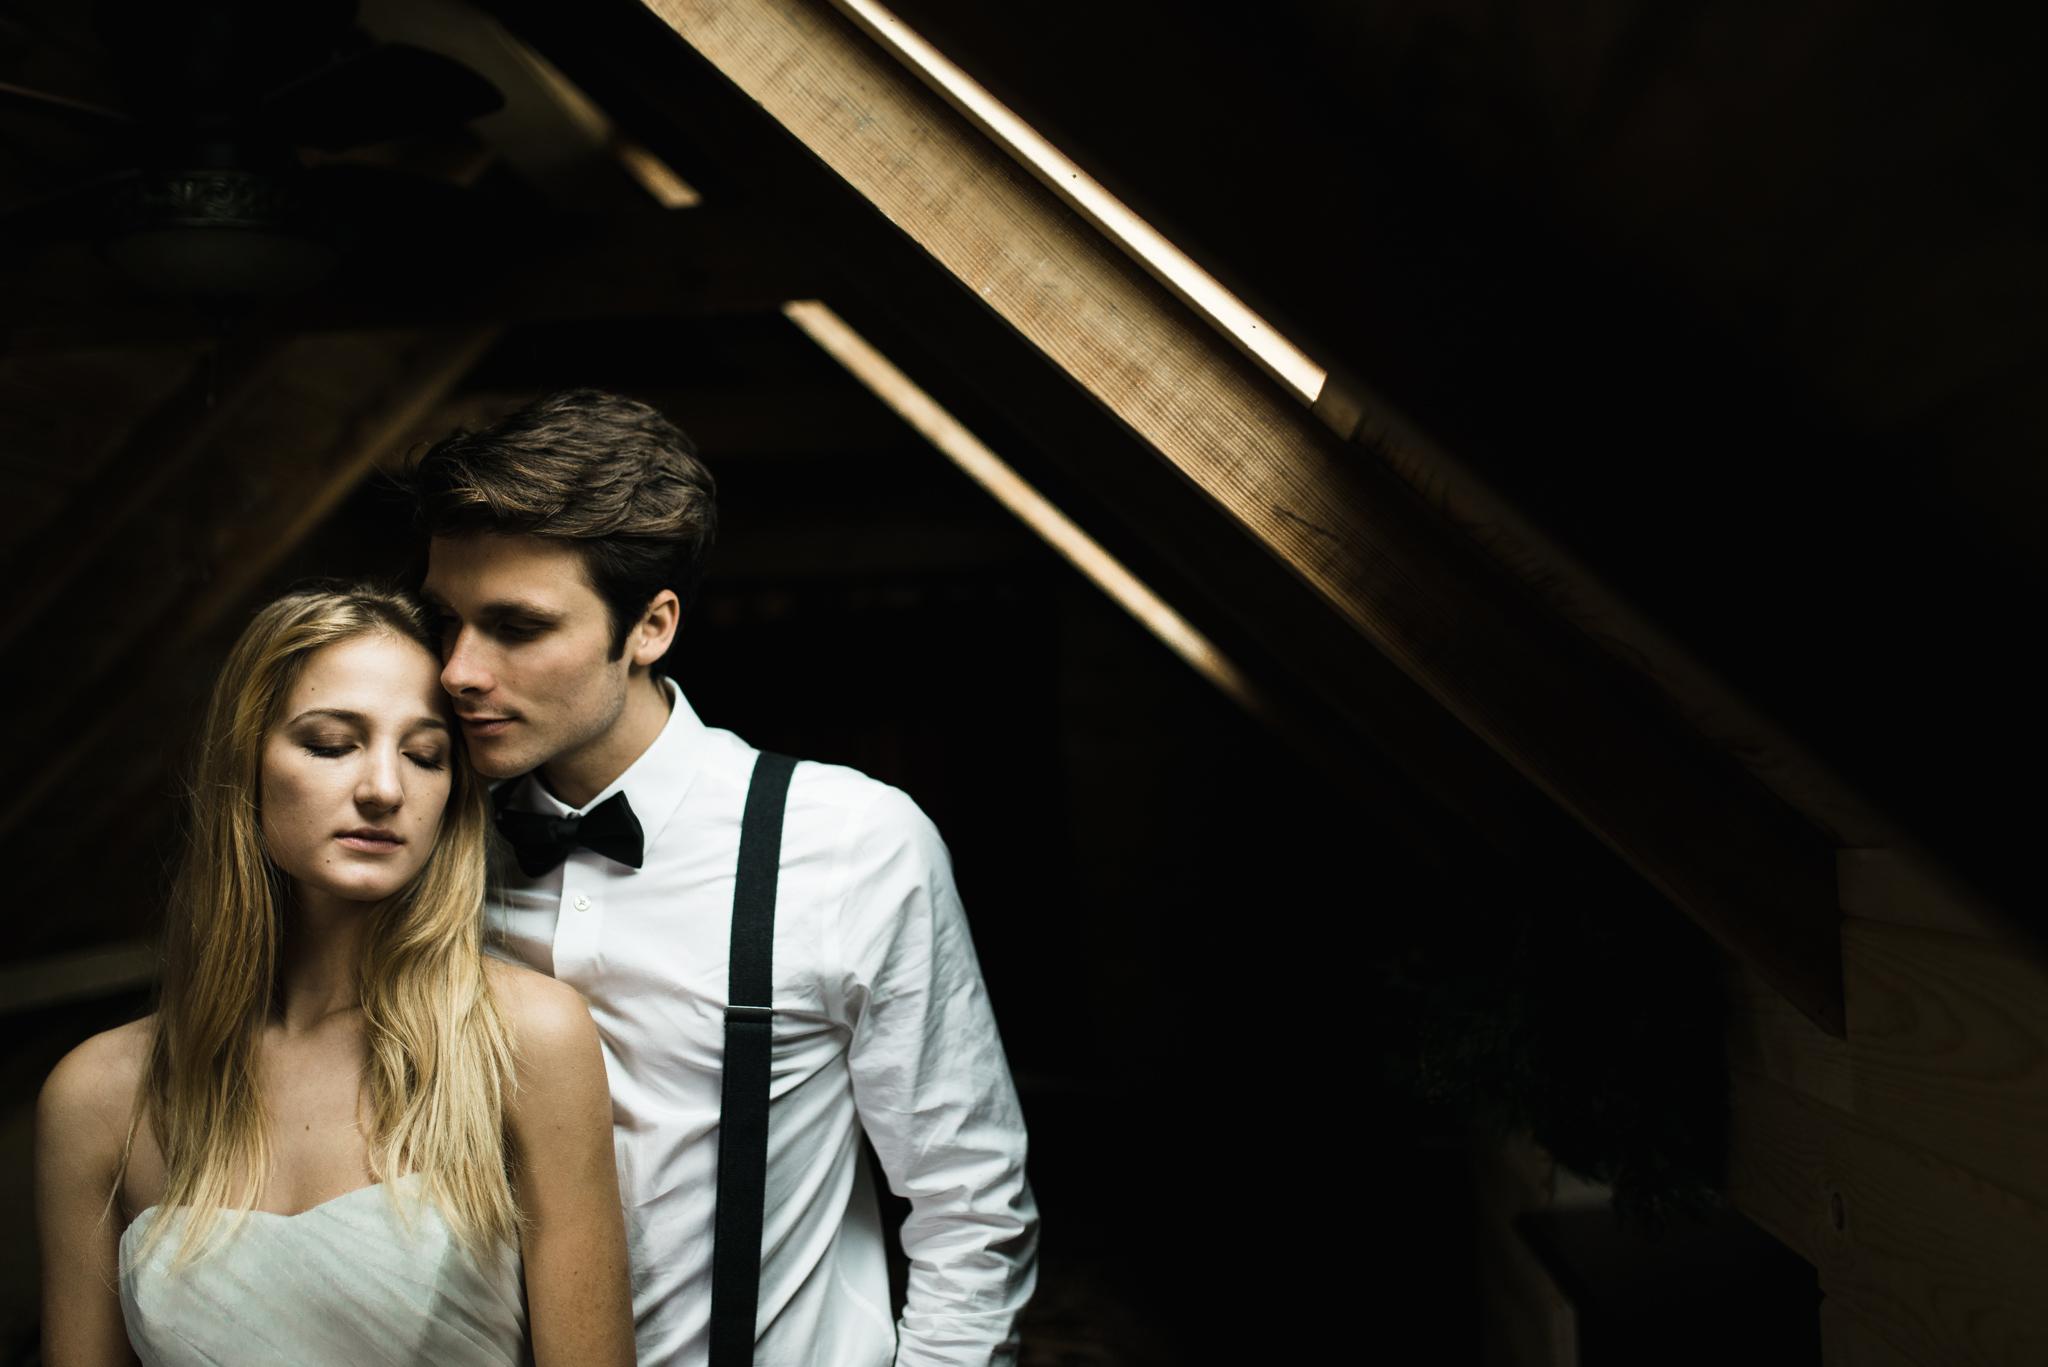 ©Isaiah & Taylor Photography - Ben & Kadin Honeymoon-006.jpg